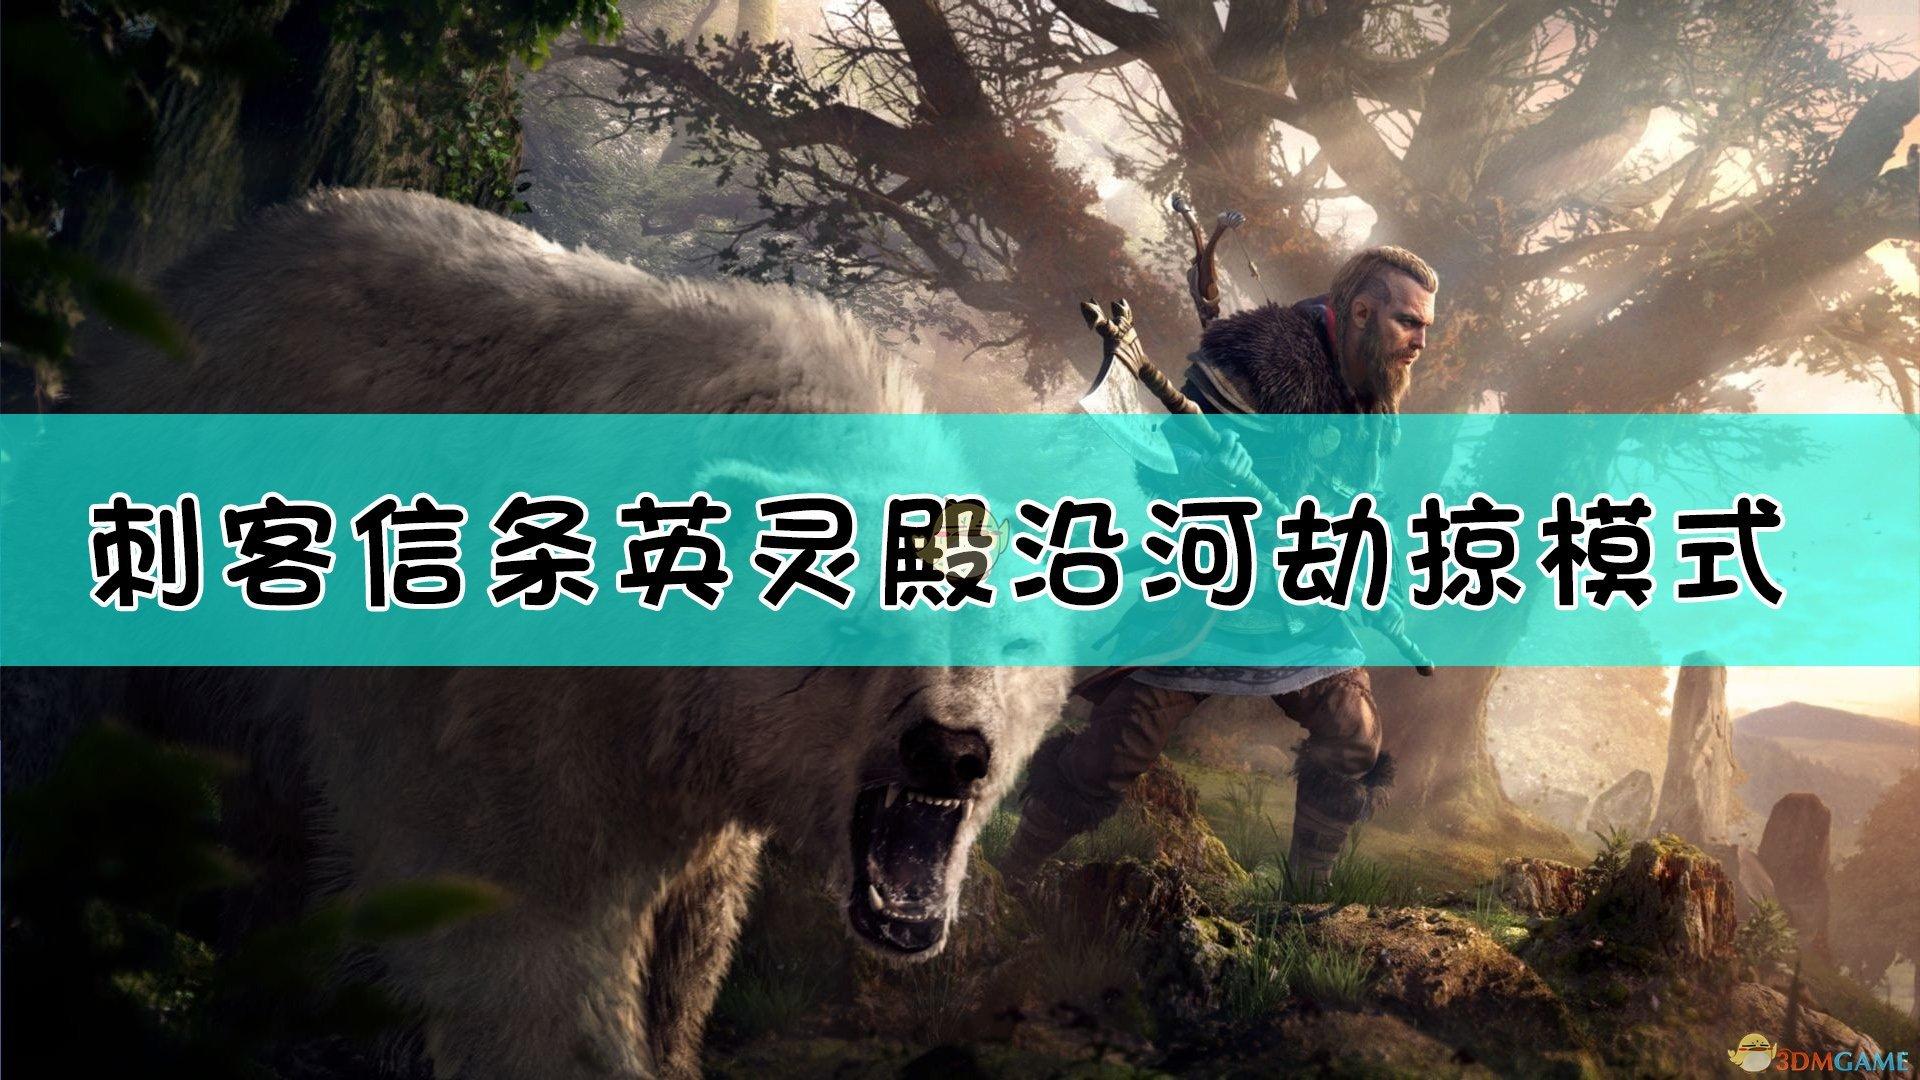 《刺客信条:英灵殿》沿河劫掠模式玩法介绍